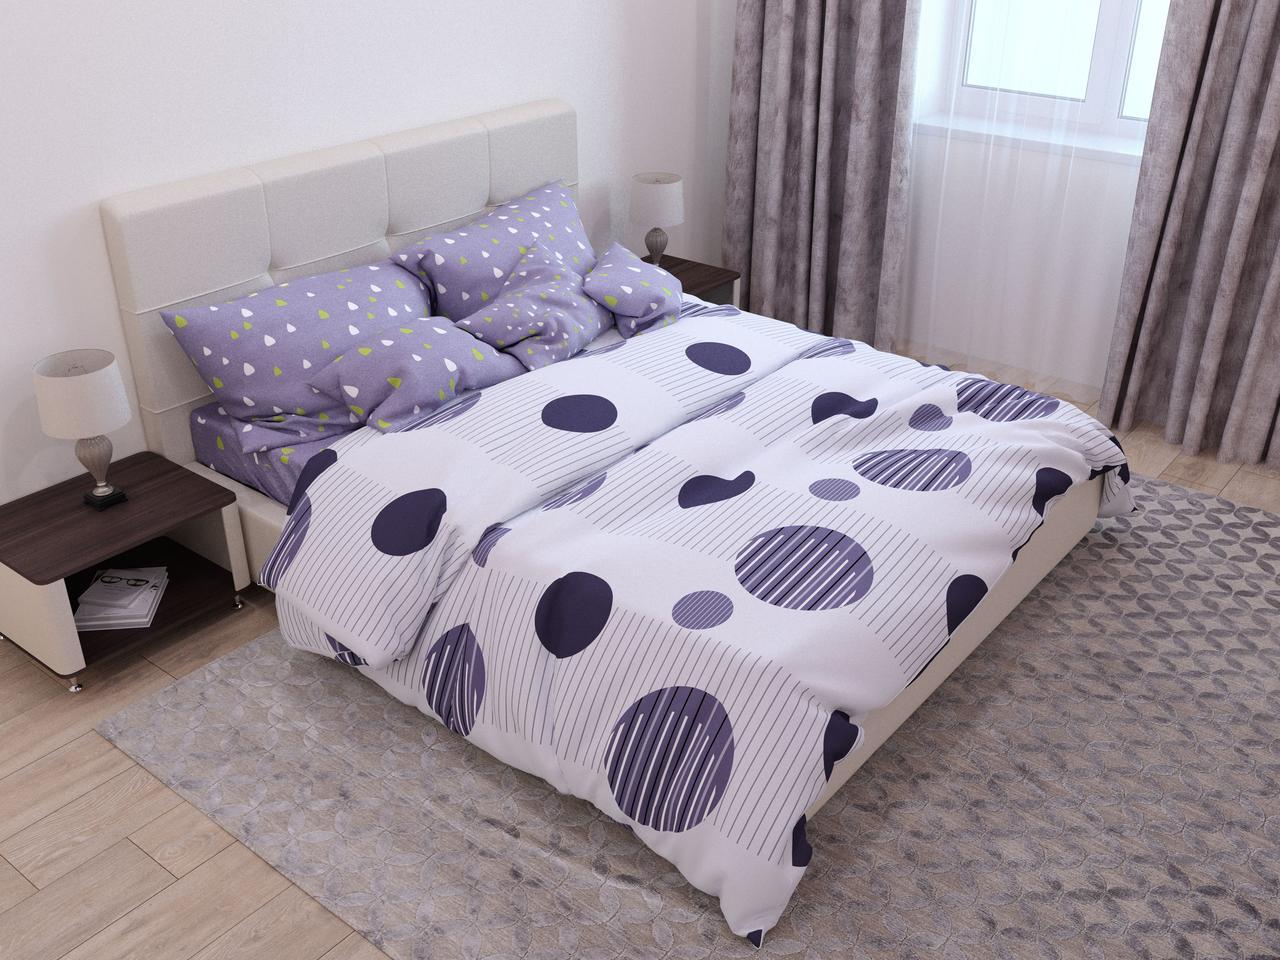 Двуспальный комплект постельного белья с евро простыней «Небесные шары» из бязи голд